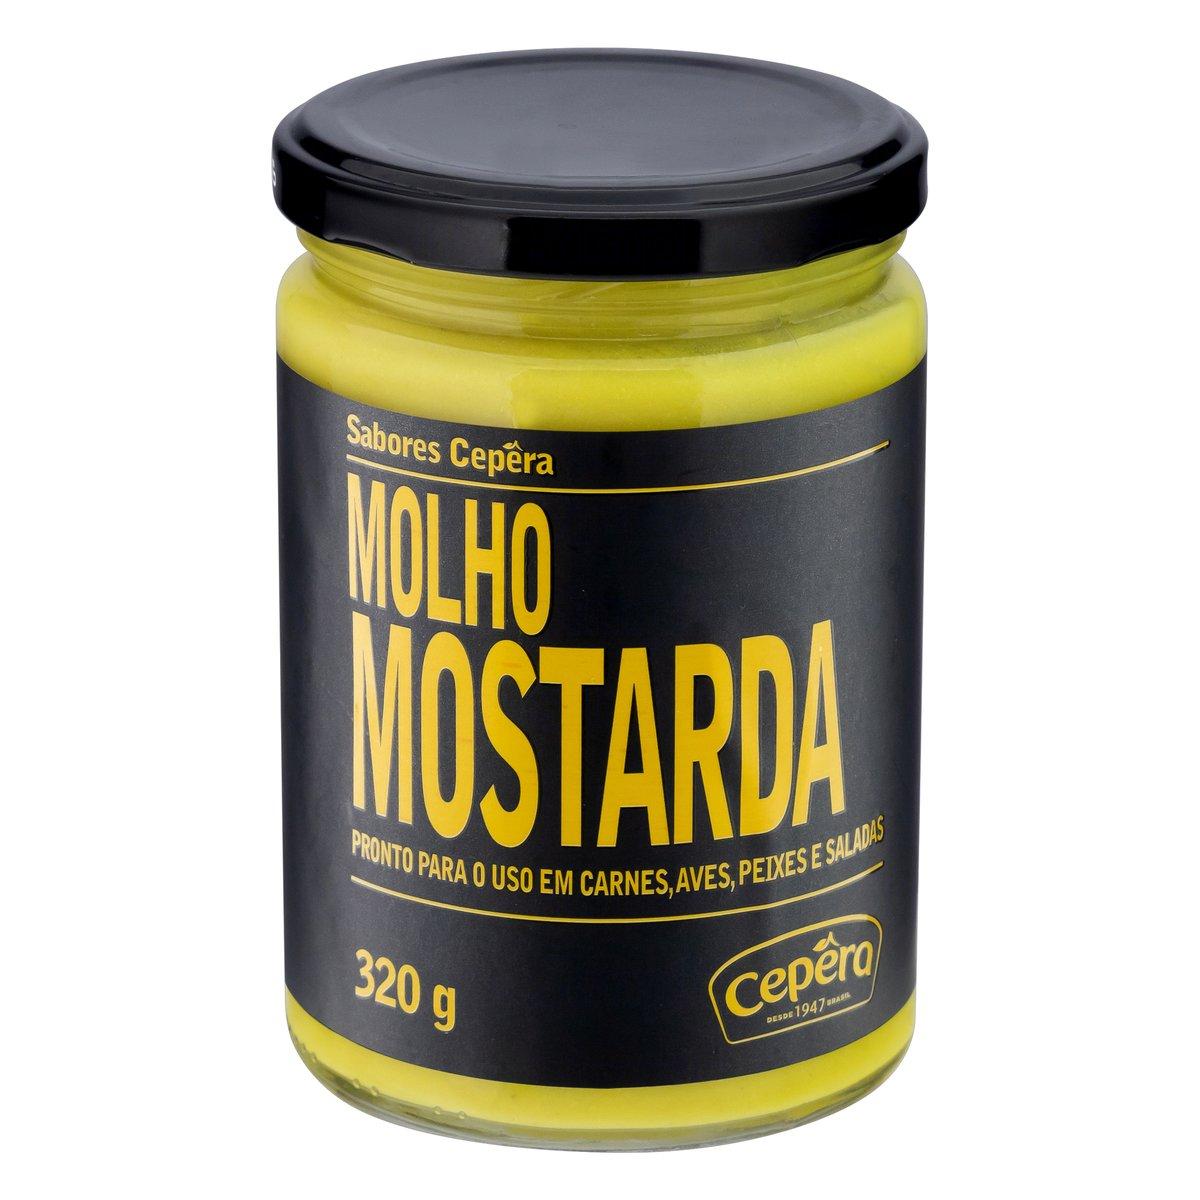 Molho Mostarda